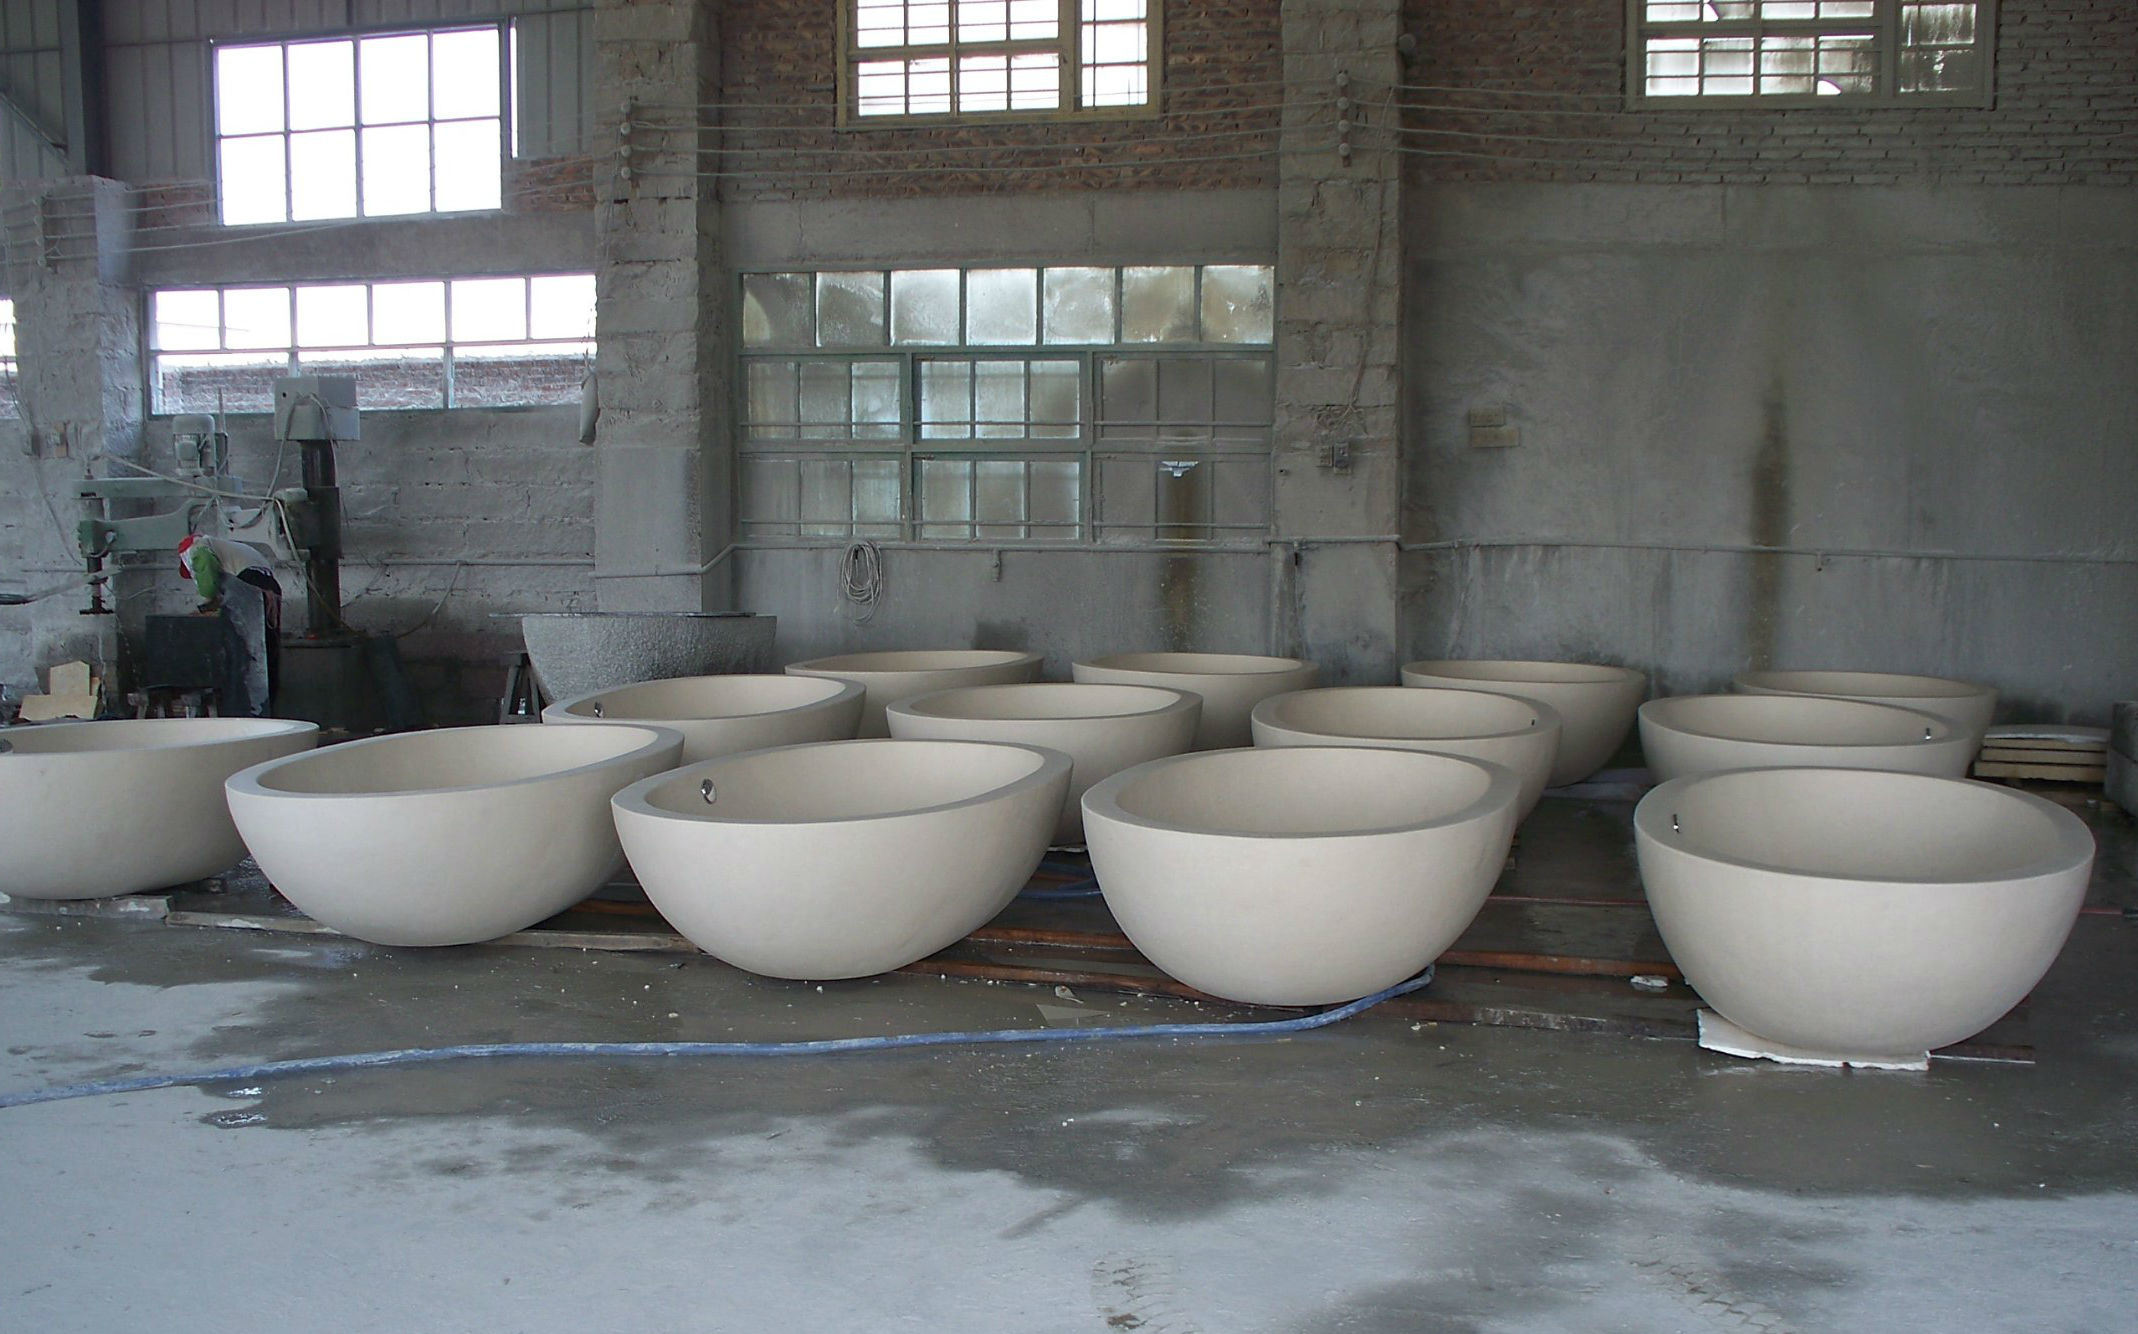 Vasca Da Bagno Pietra : Vasca da bagno di pietra di marmo naturale del granito del basamento